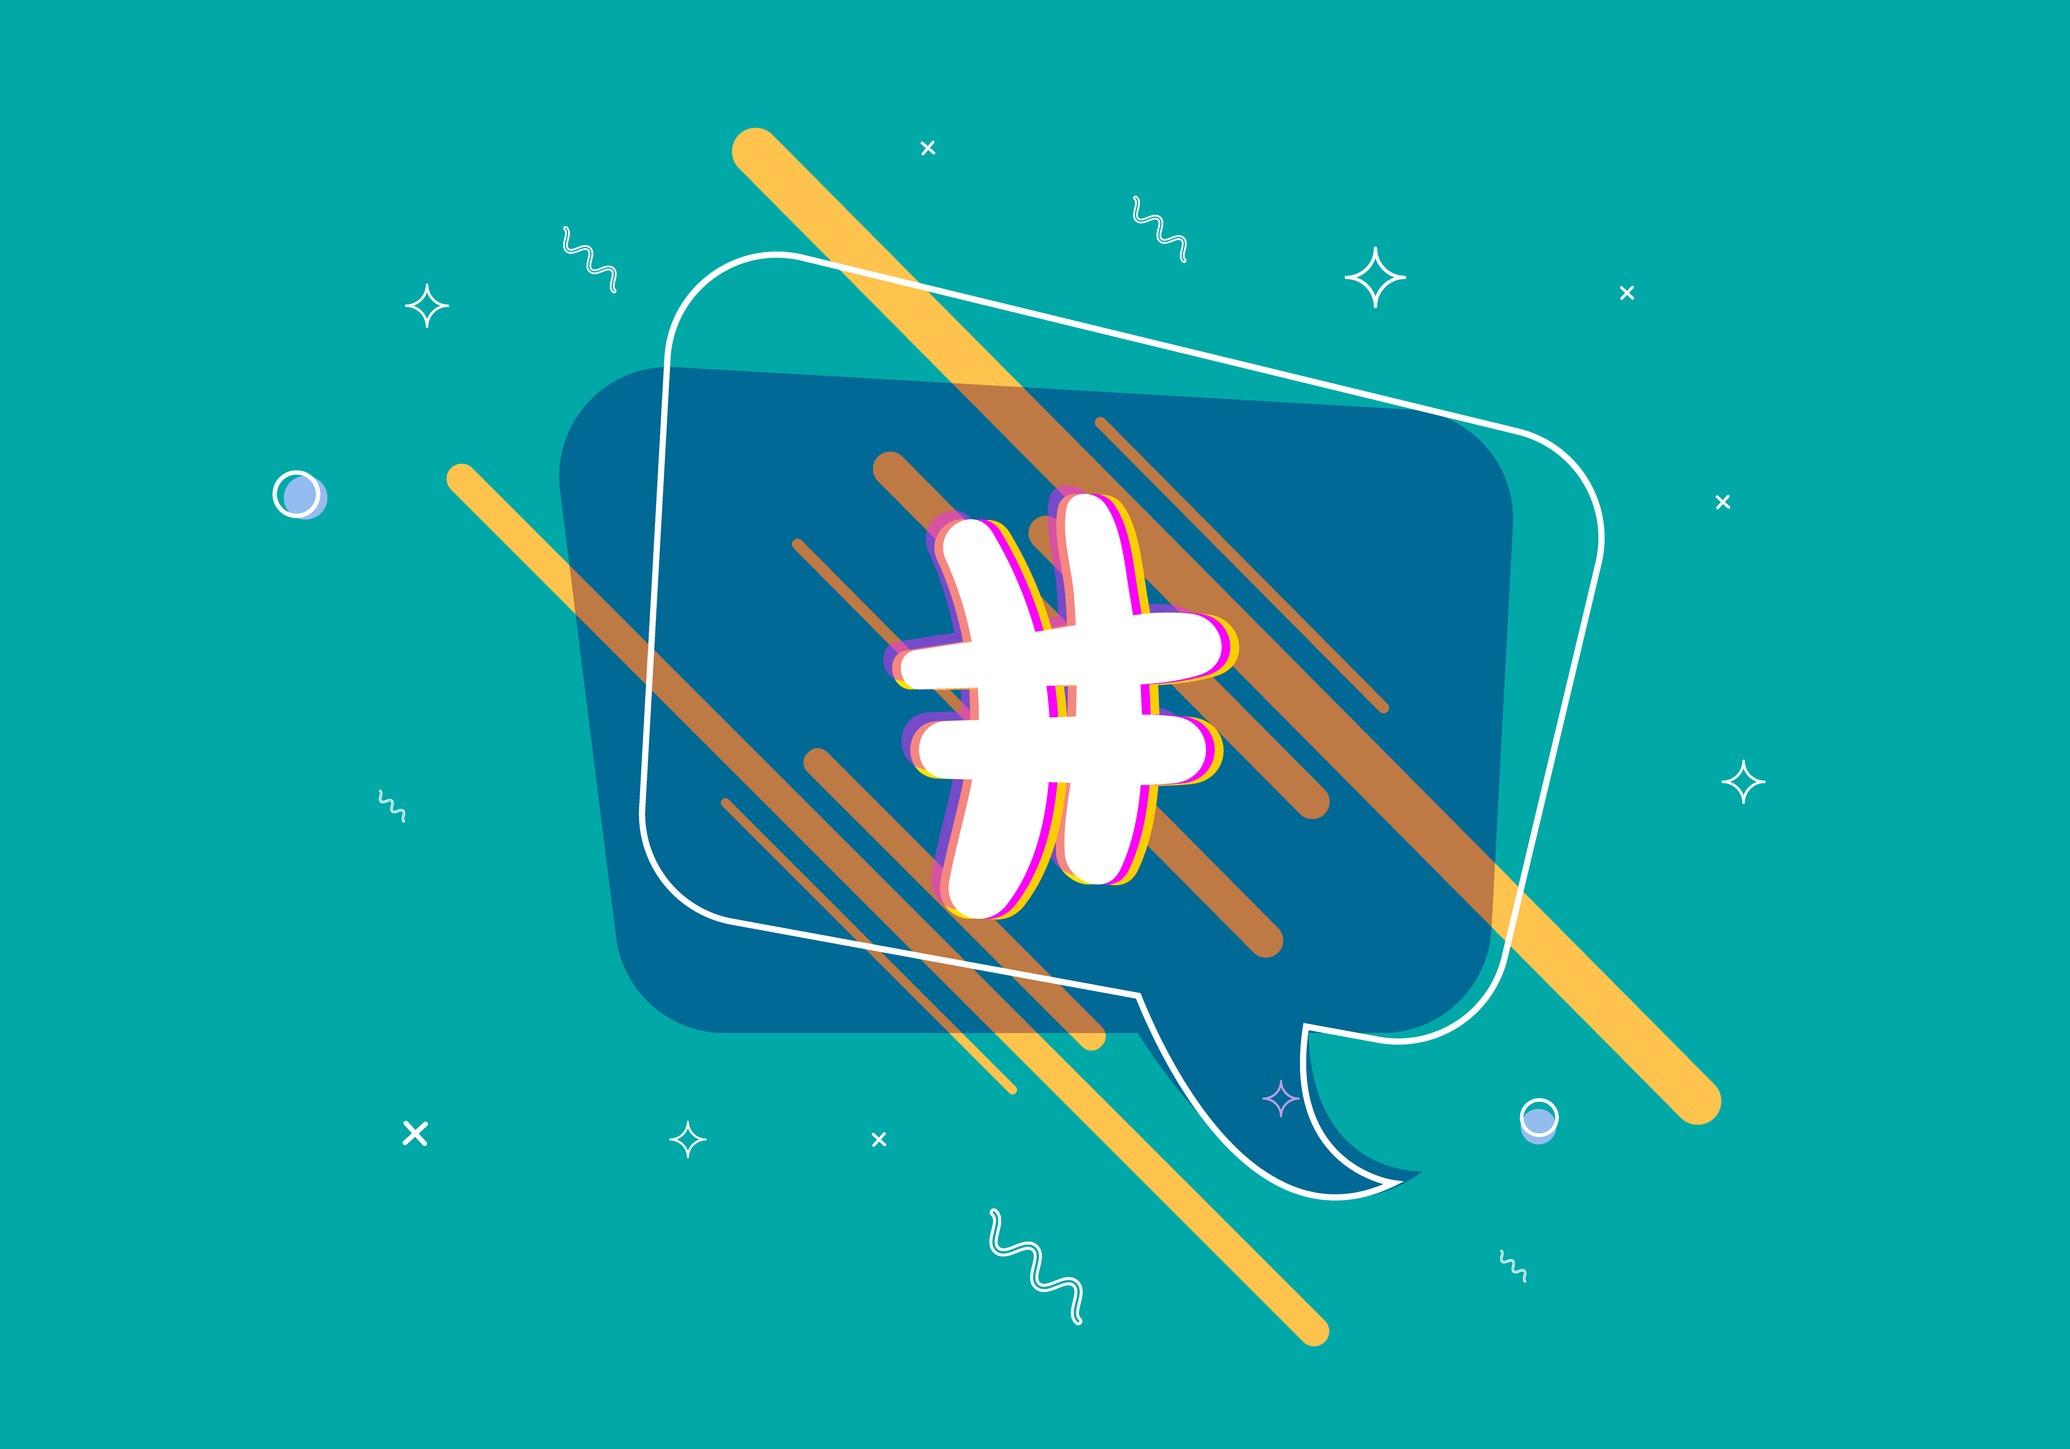 Tiktok Keşfet Etiketleri - Tiktok Popüler Türkçe Hashtag